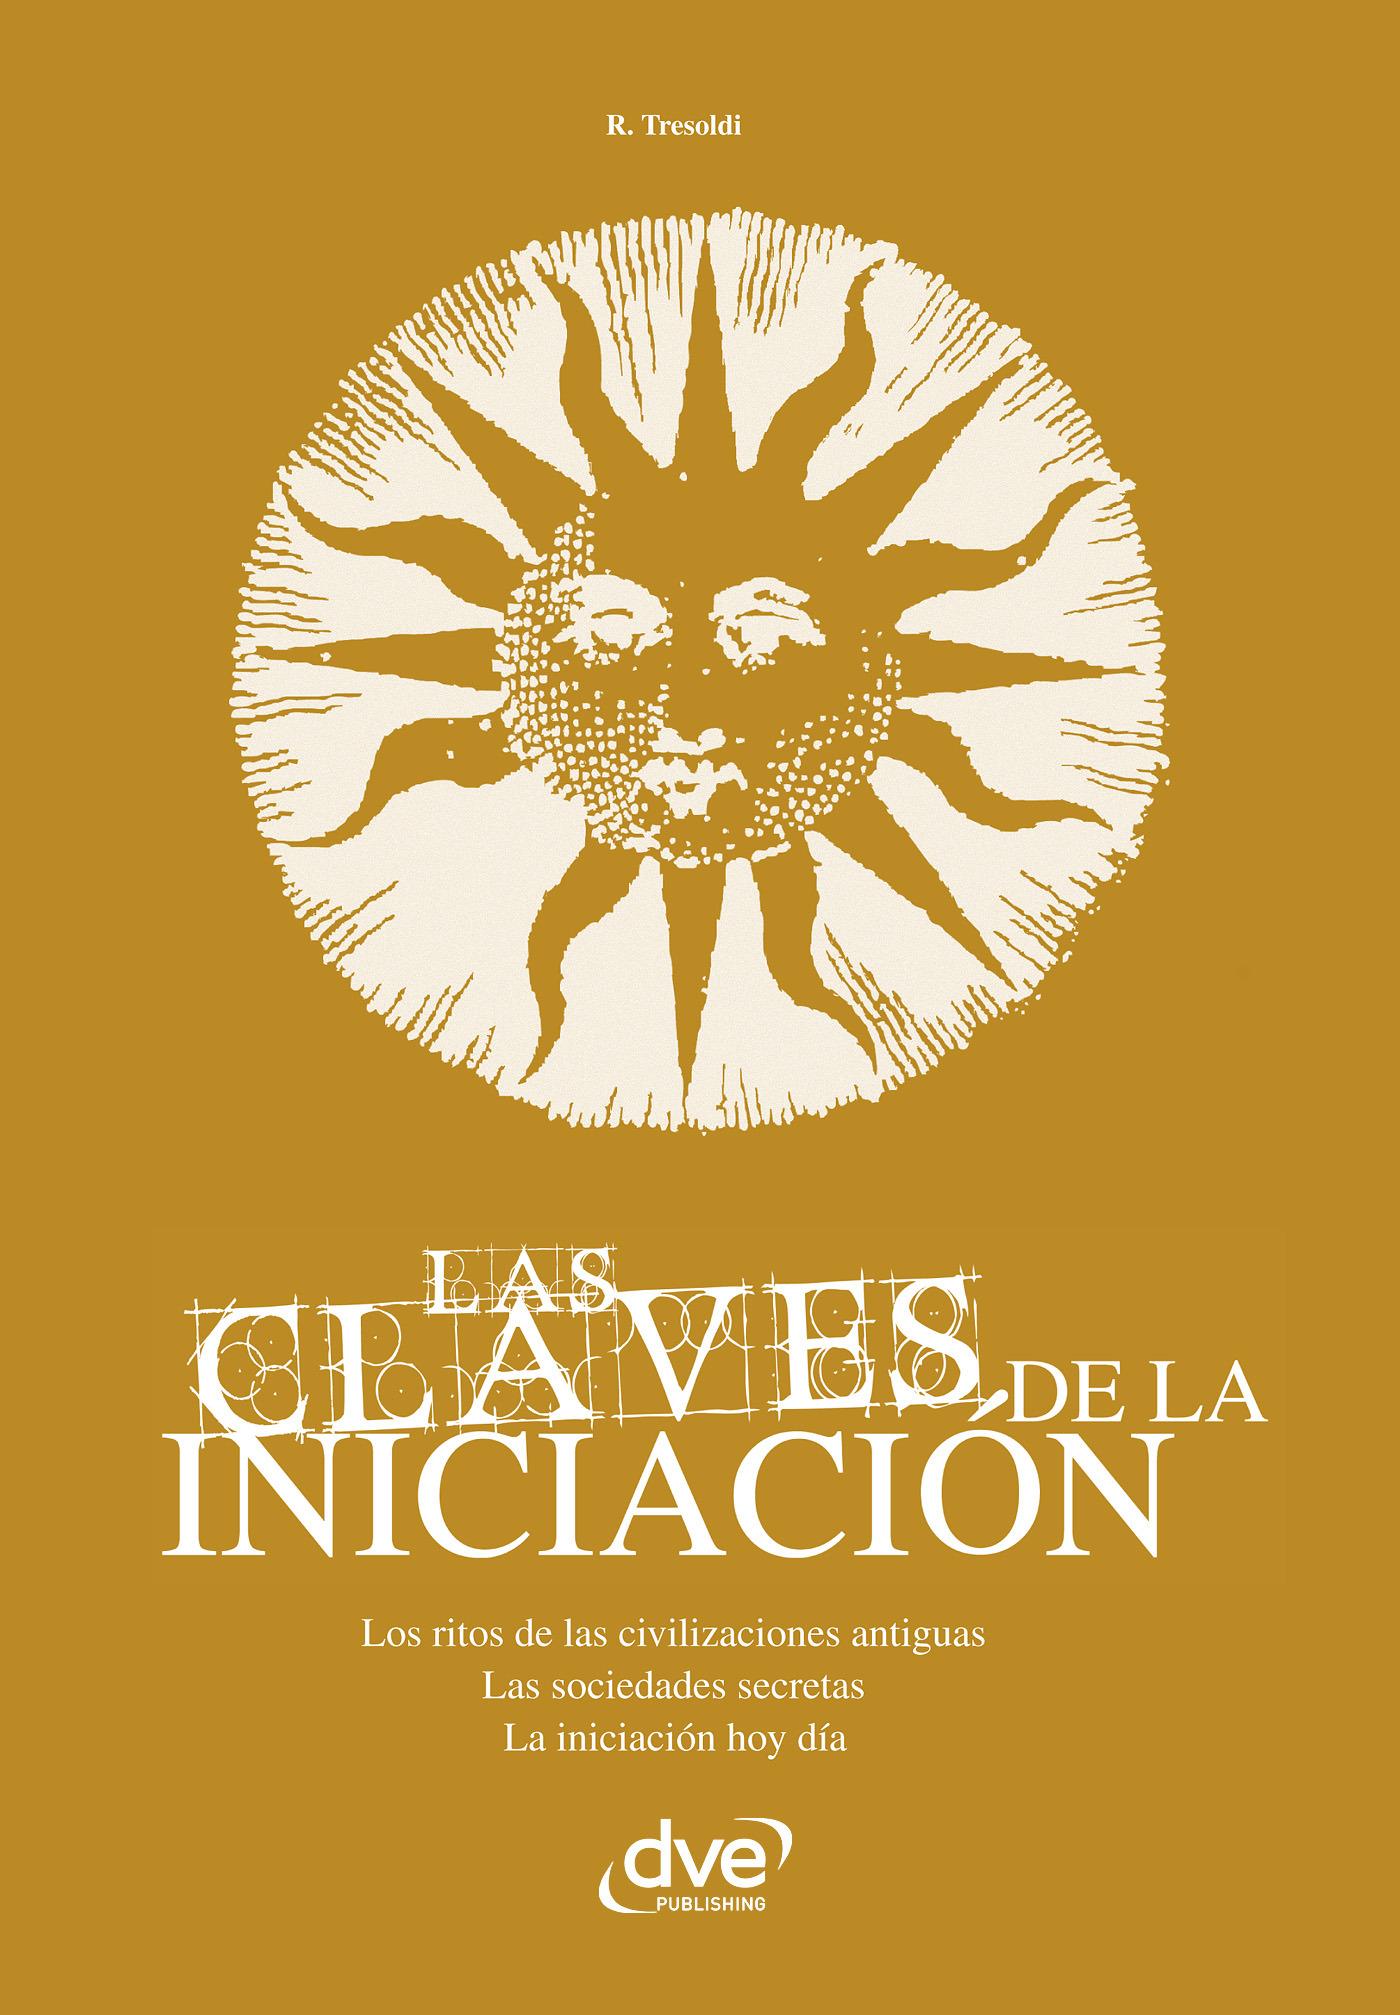 Tresoldi, R. - Las claves de la iniciación. Los ritos de las civilizaciones antiguas, las sociedades secretas y la iniciación hoy en día, ebook